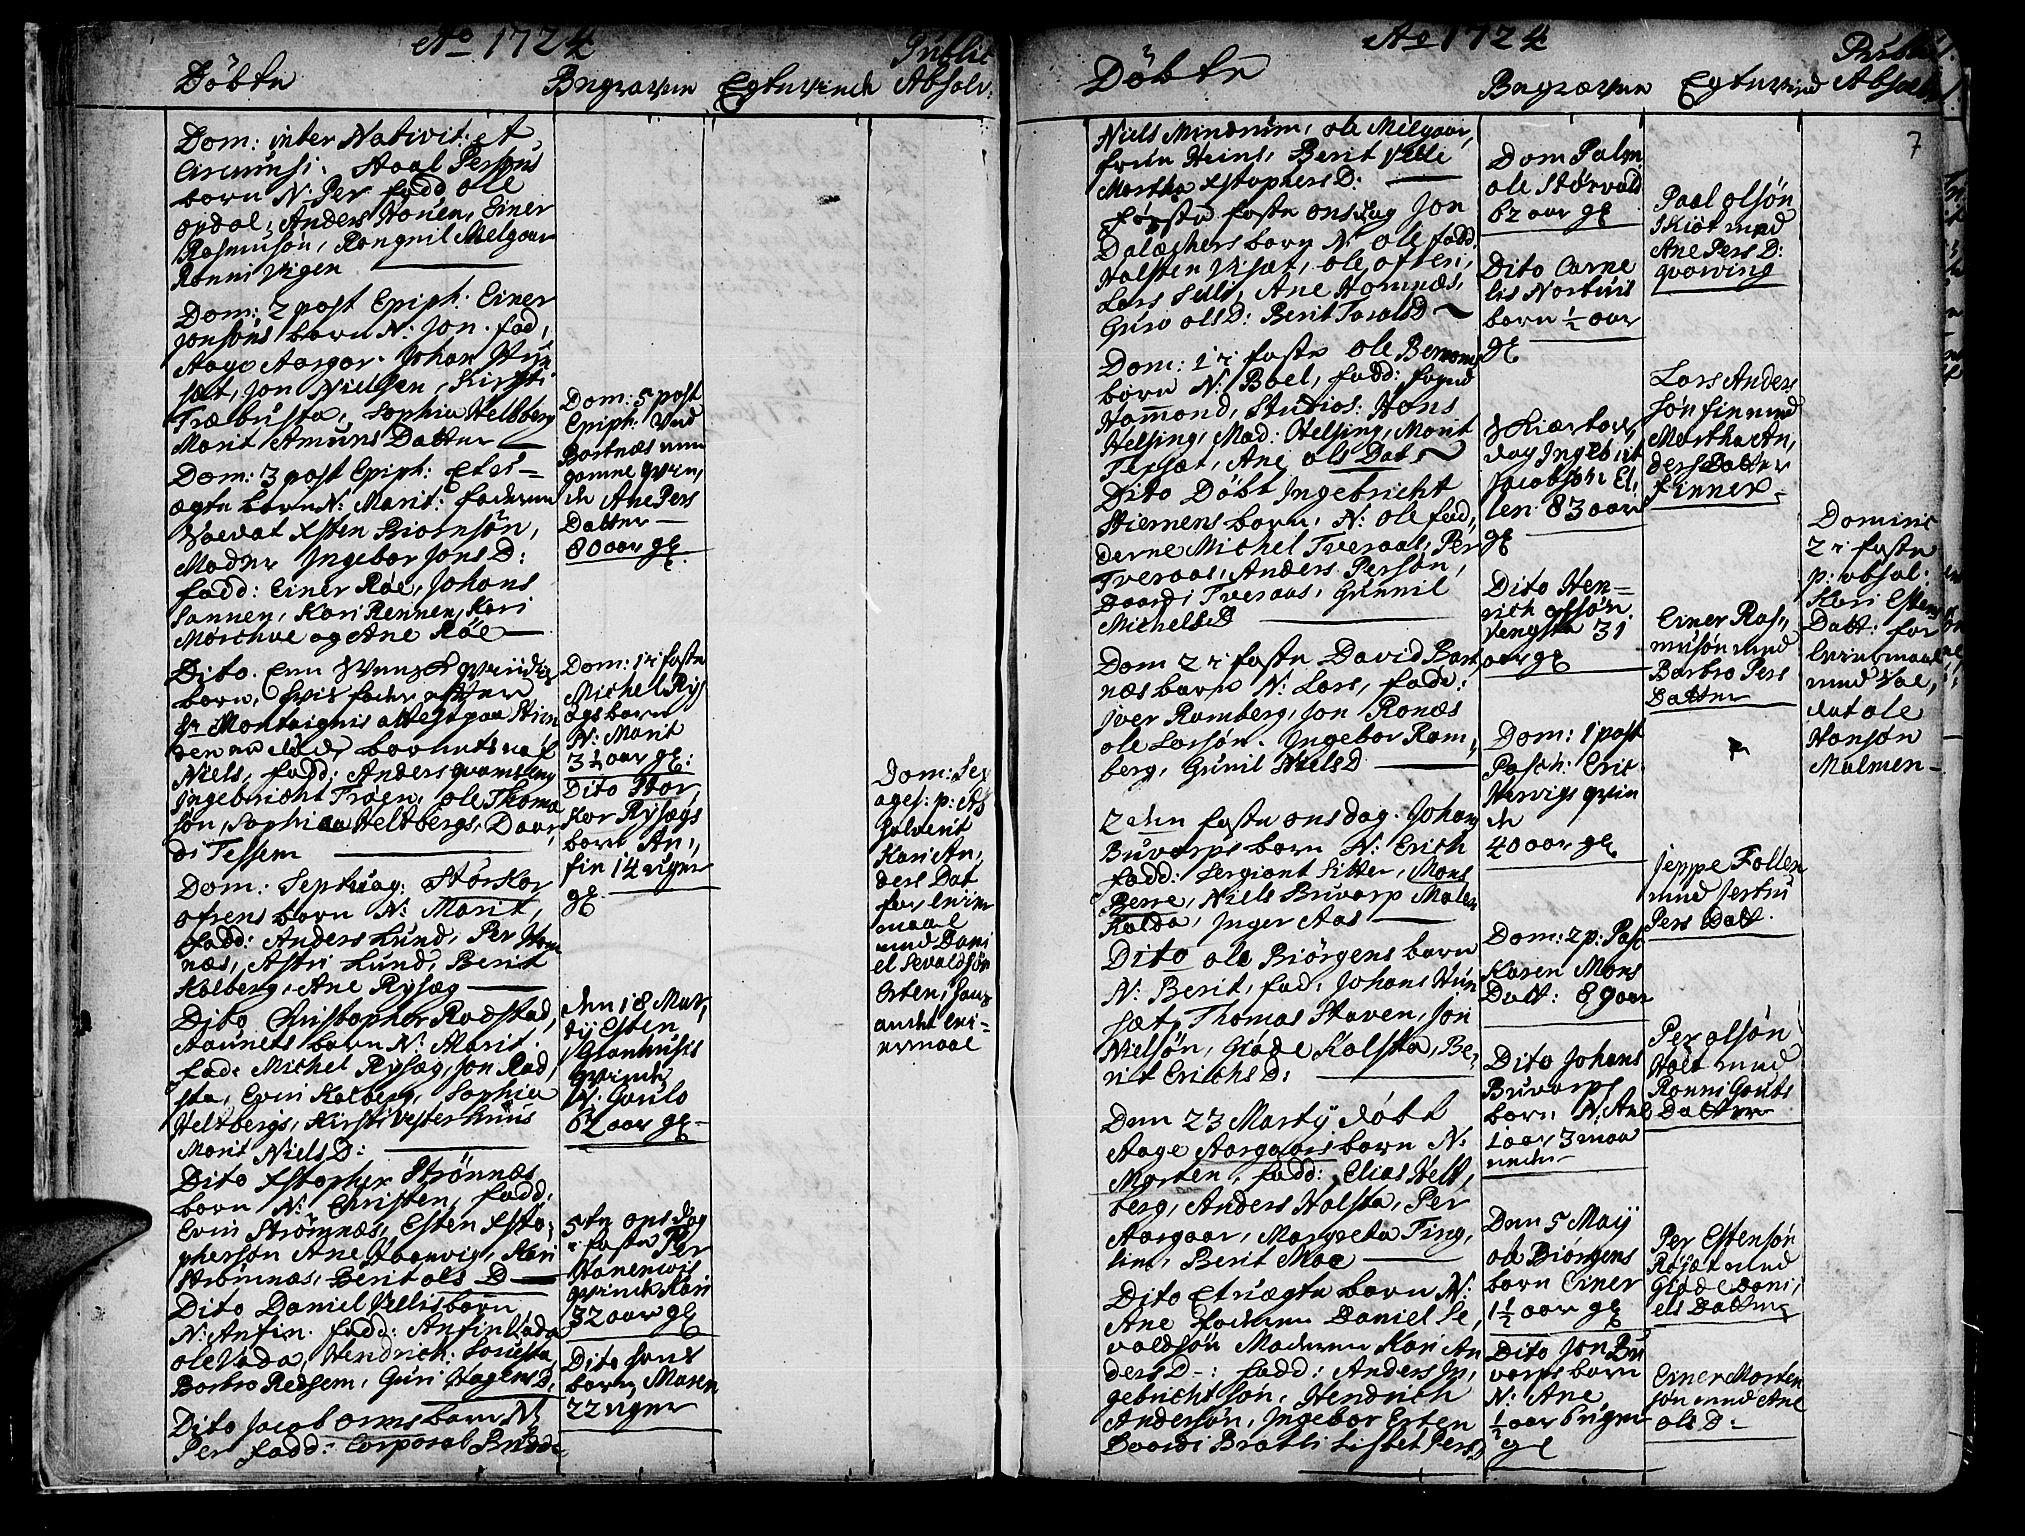 SAT, Ministerialprotokoller, klokkerbøker og fødselsregistre - Nord-Trøndelag, 741/L0385: Ministerialbok nr. 741A01, 1722-1815, s. 7